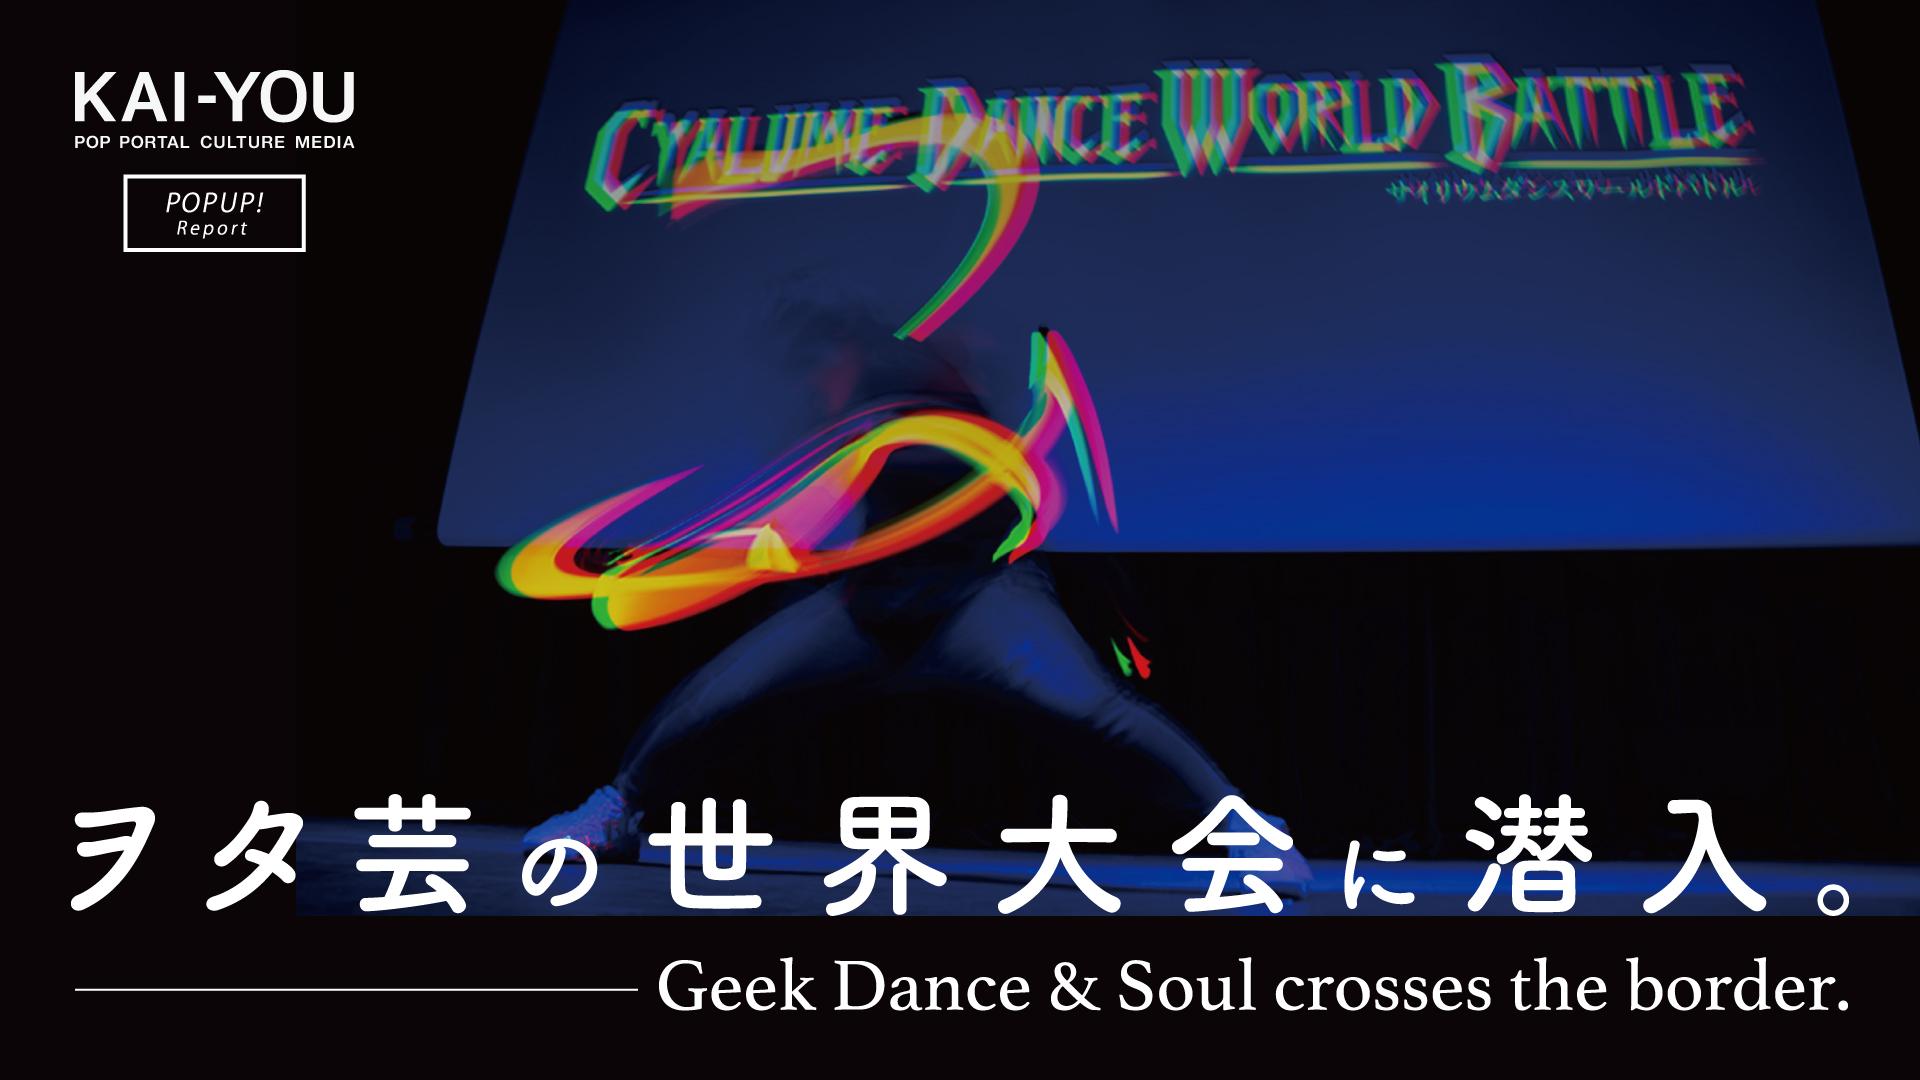 ヲタ芸から進化した「サイリウムダンス」 初の世界大会で目の当たりにした感情の爆発